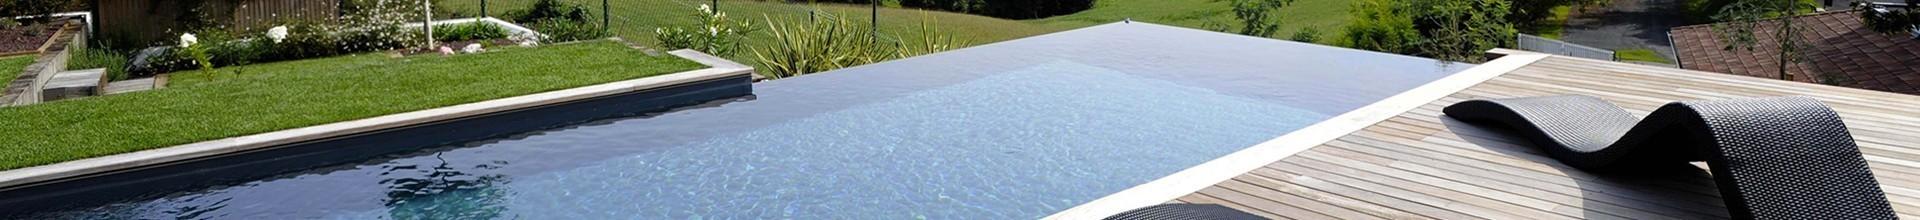 Direct usine, piscine coque prix Schaerbeek